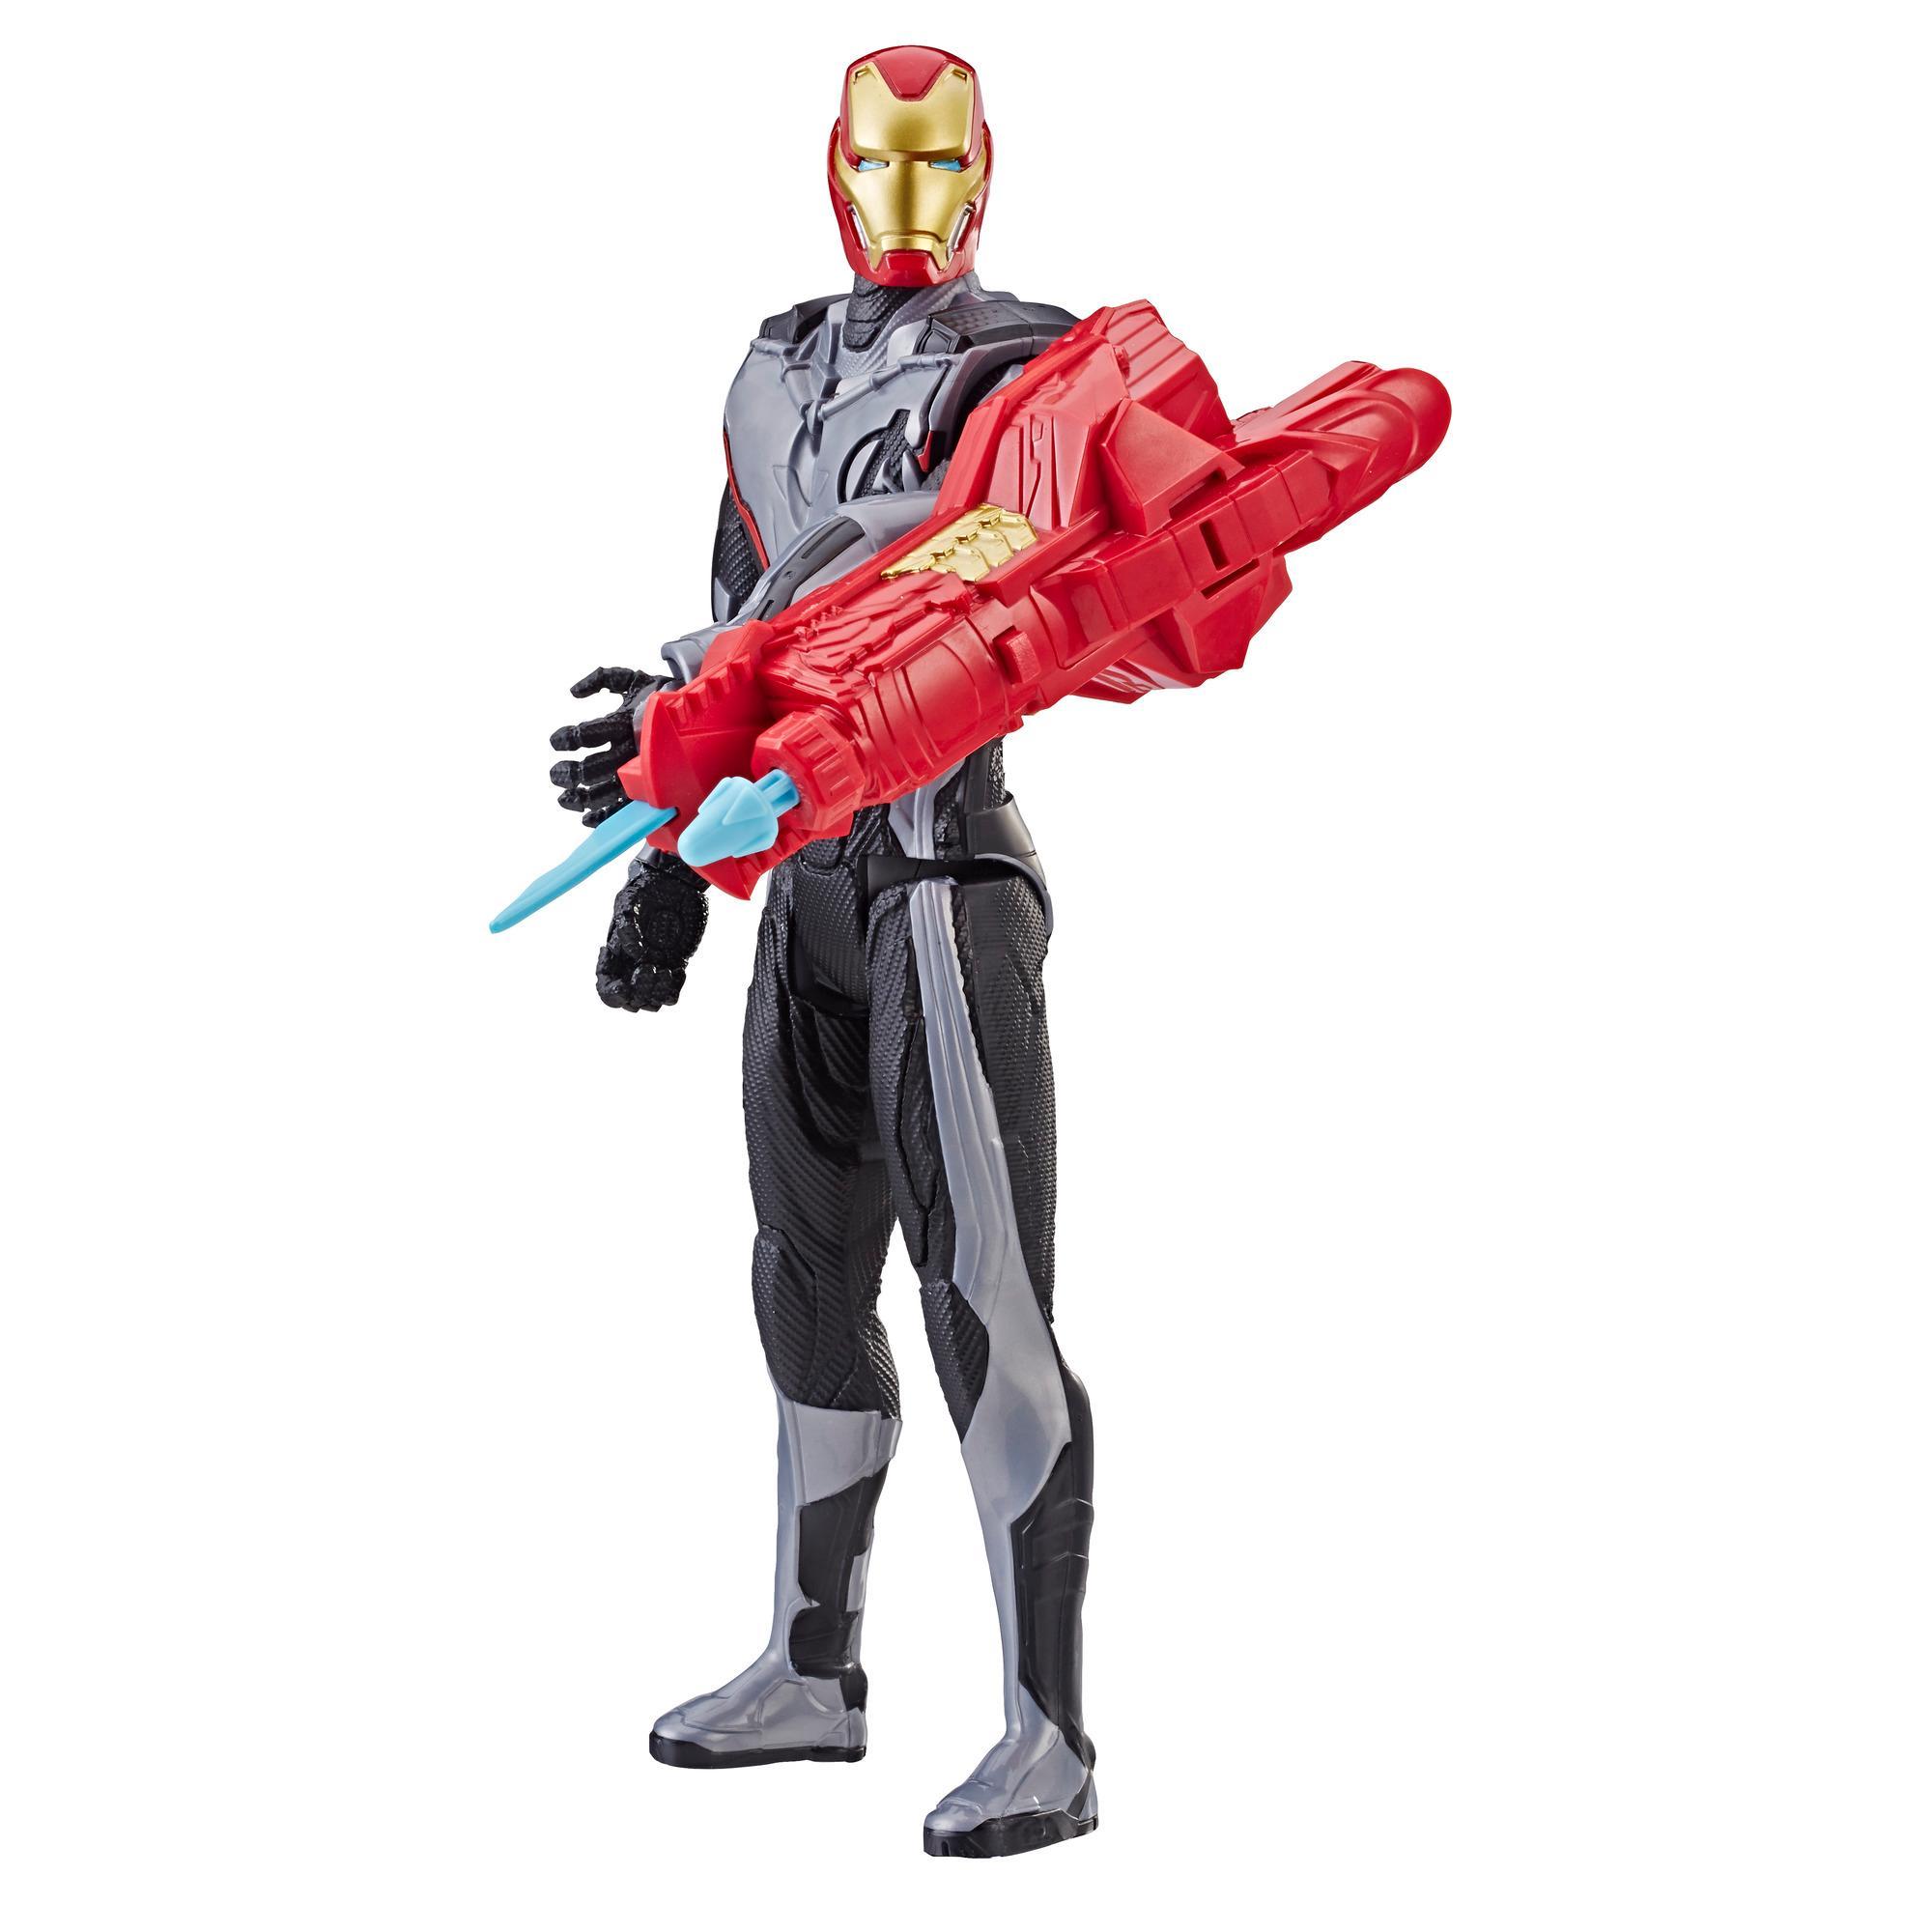 Marvel Avengers: Endgame Titan Hero Power FX Iron Man